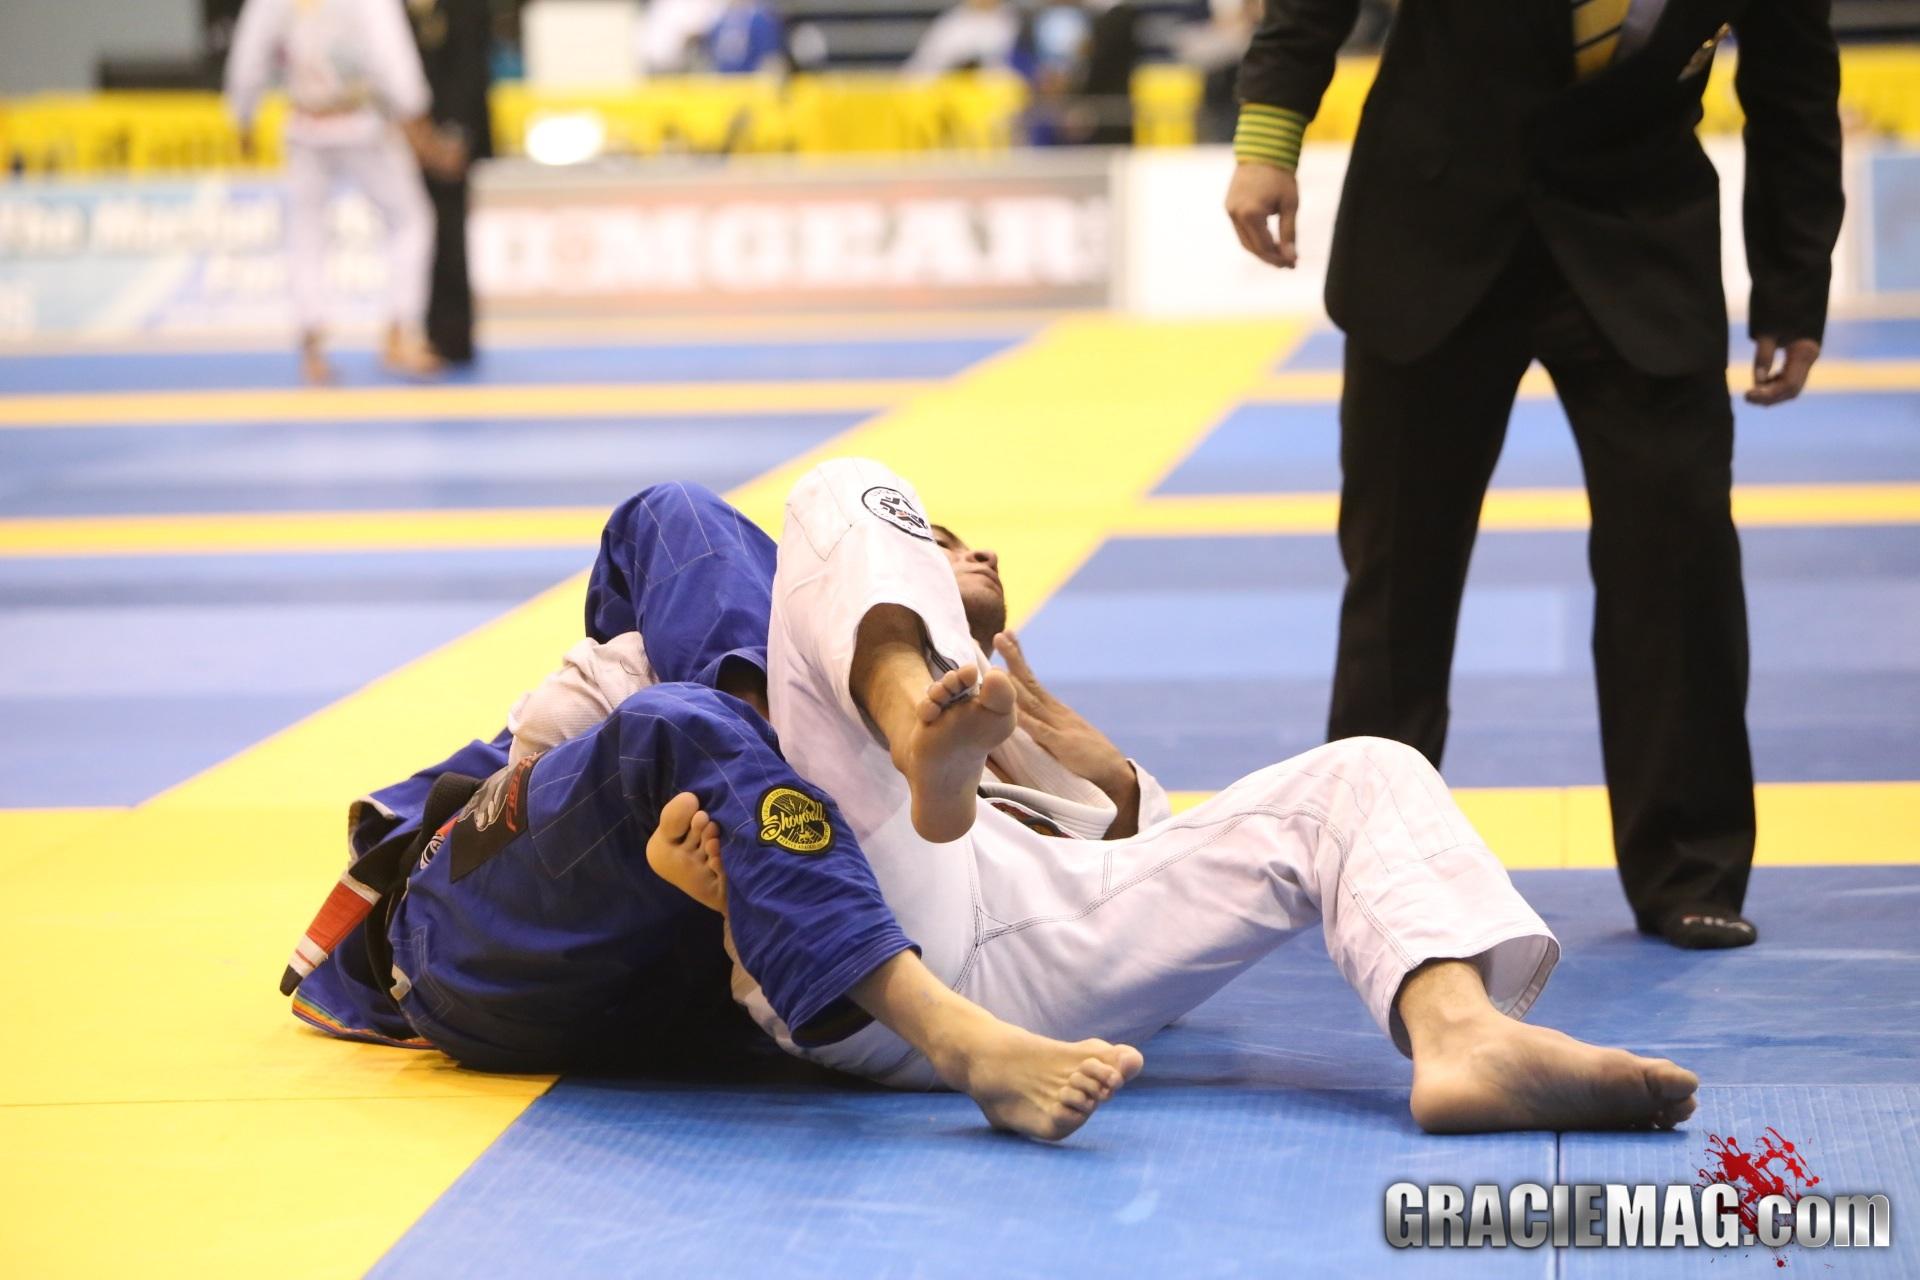 Clark Gracie vs. Marcelo Mafra